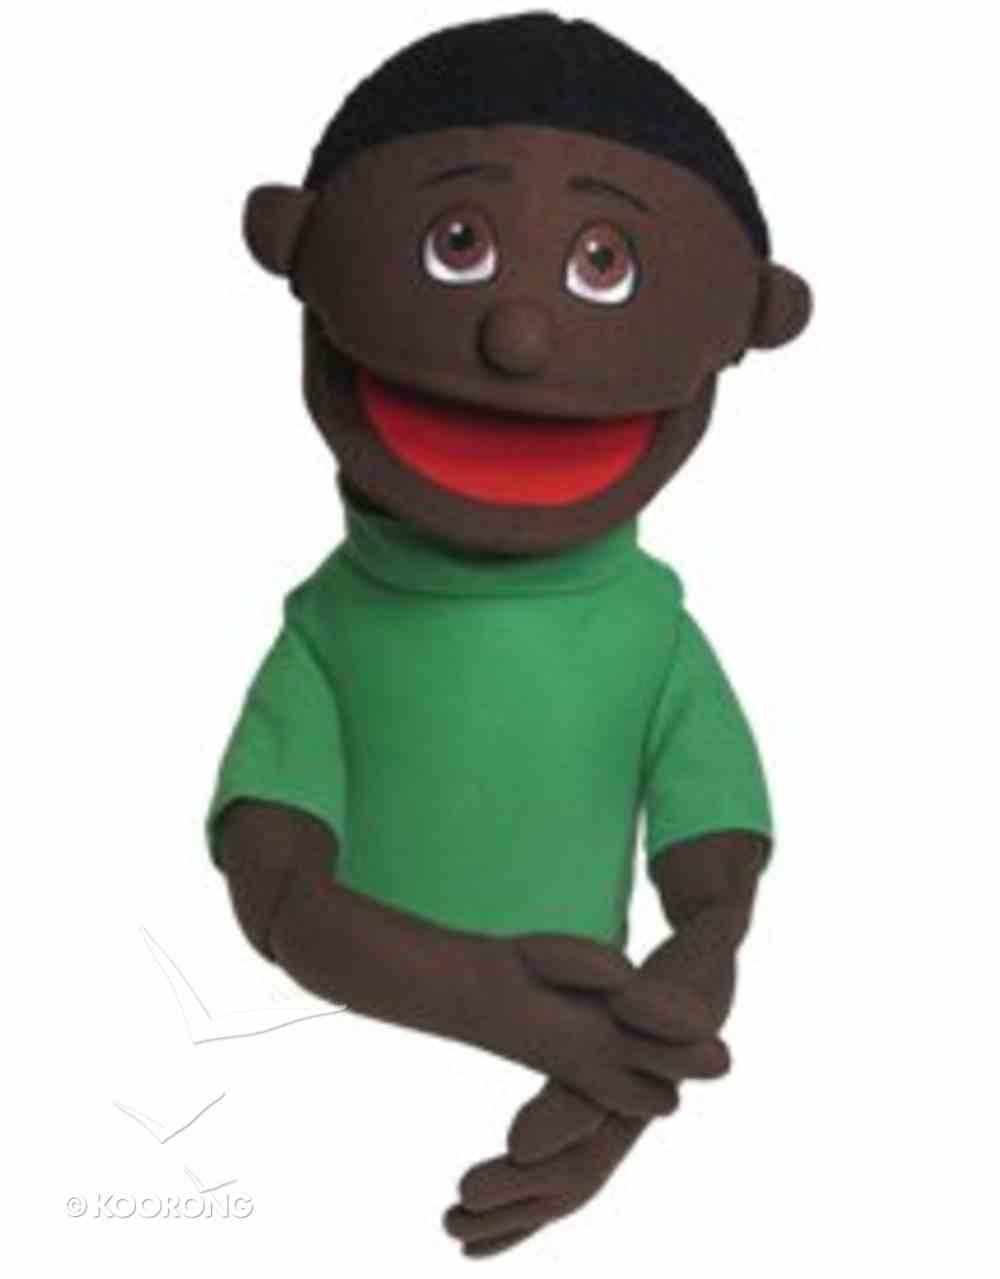 Dlc Puppets: Male Puppet - Paul Soft Goods